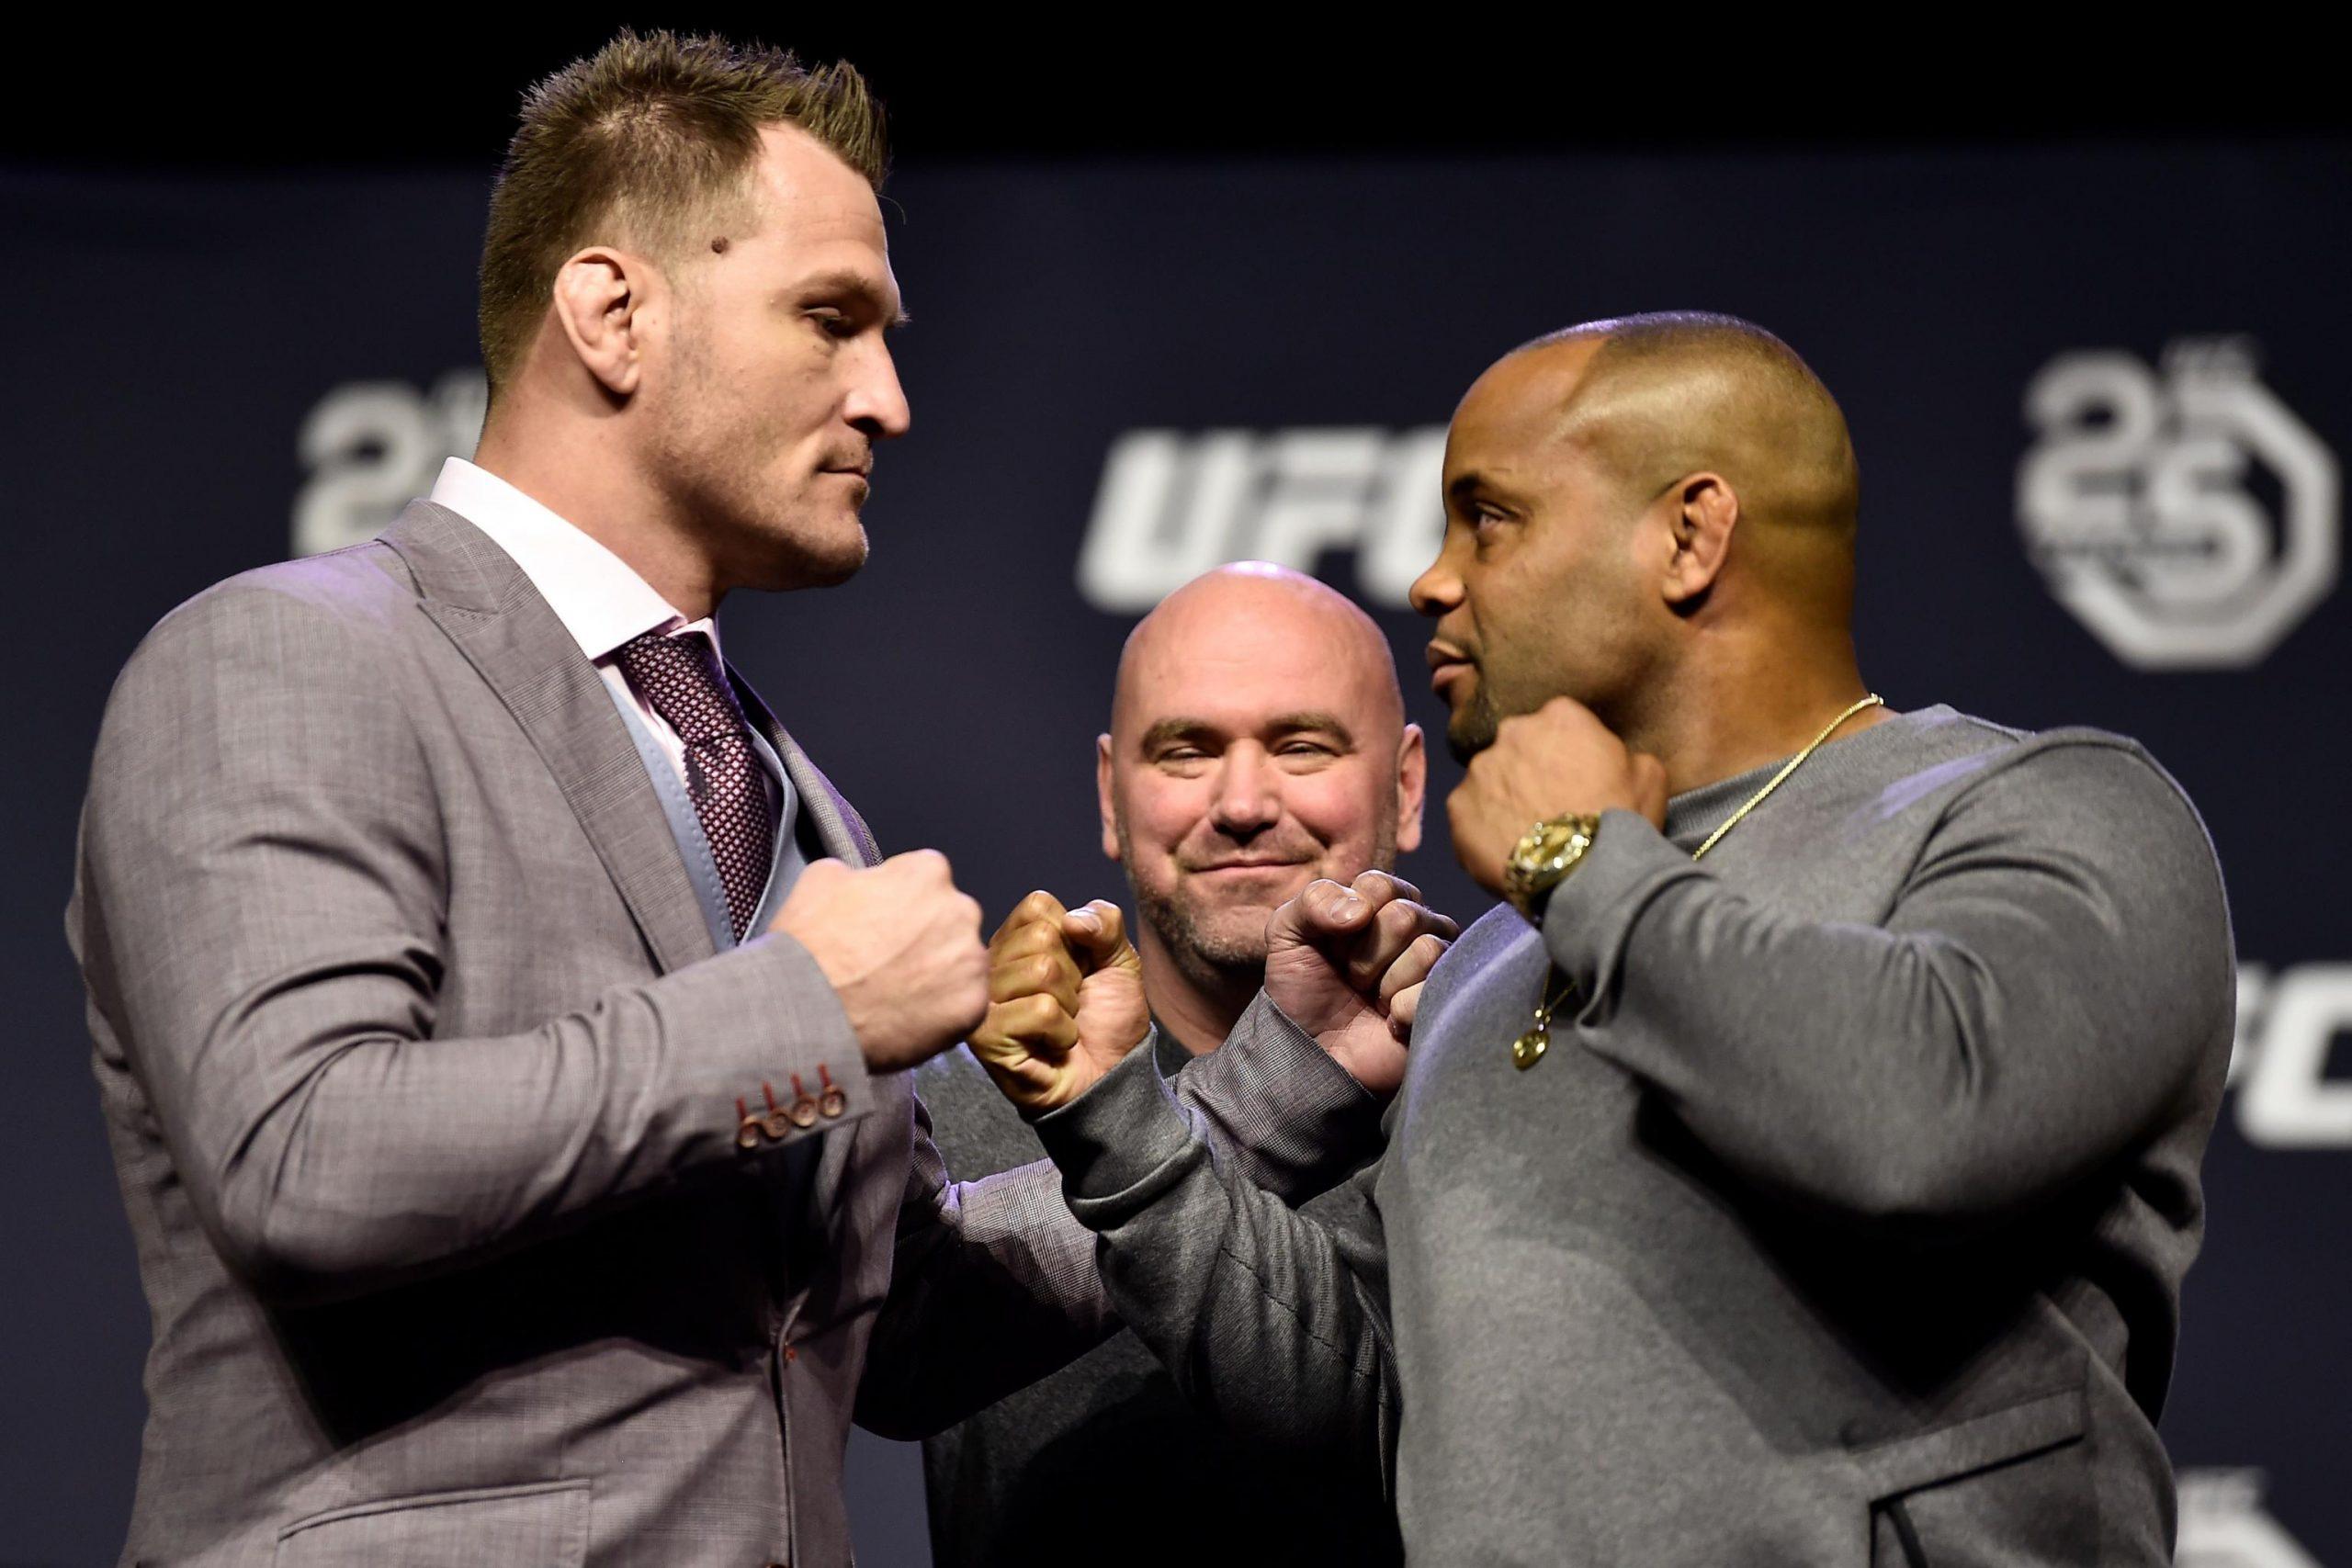 UFC 252: Миочич Кормье